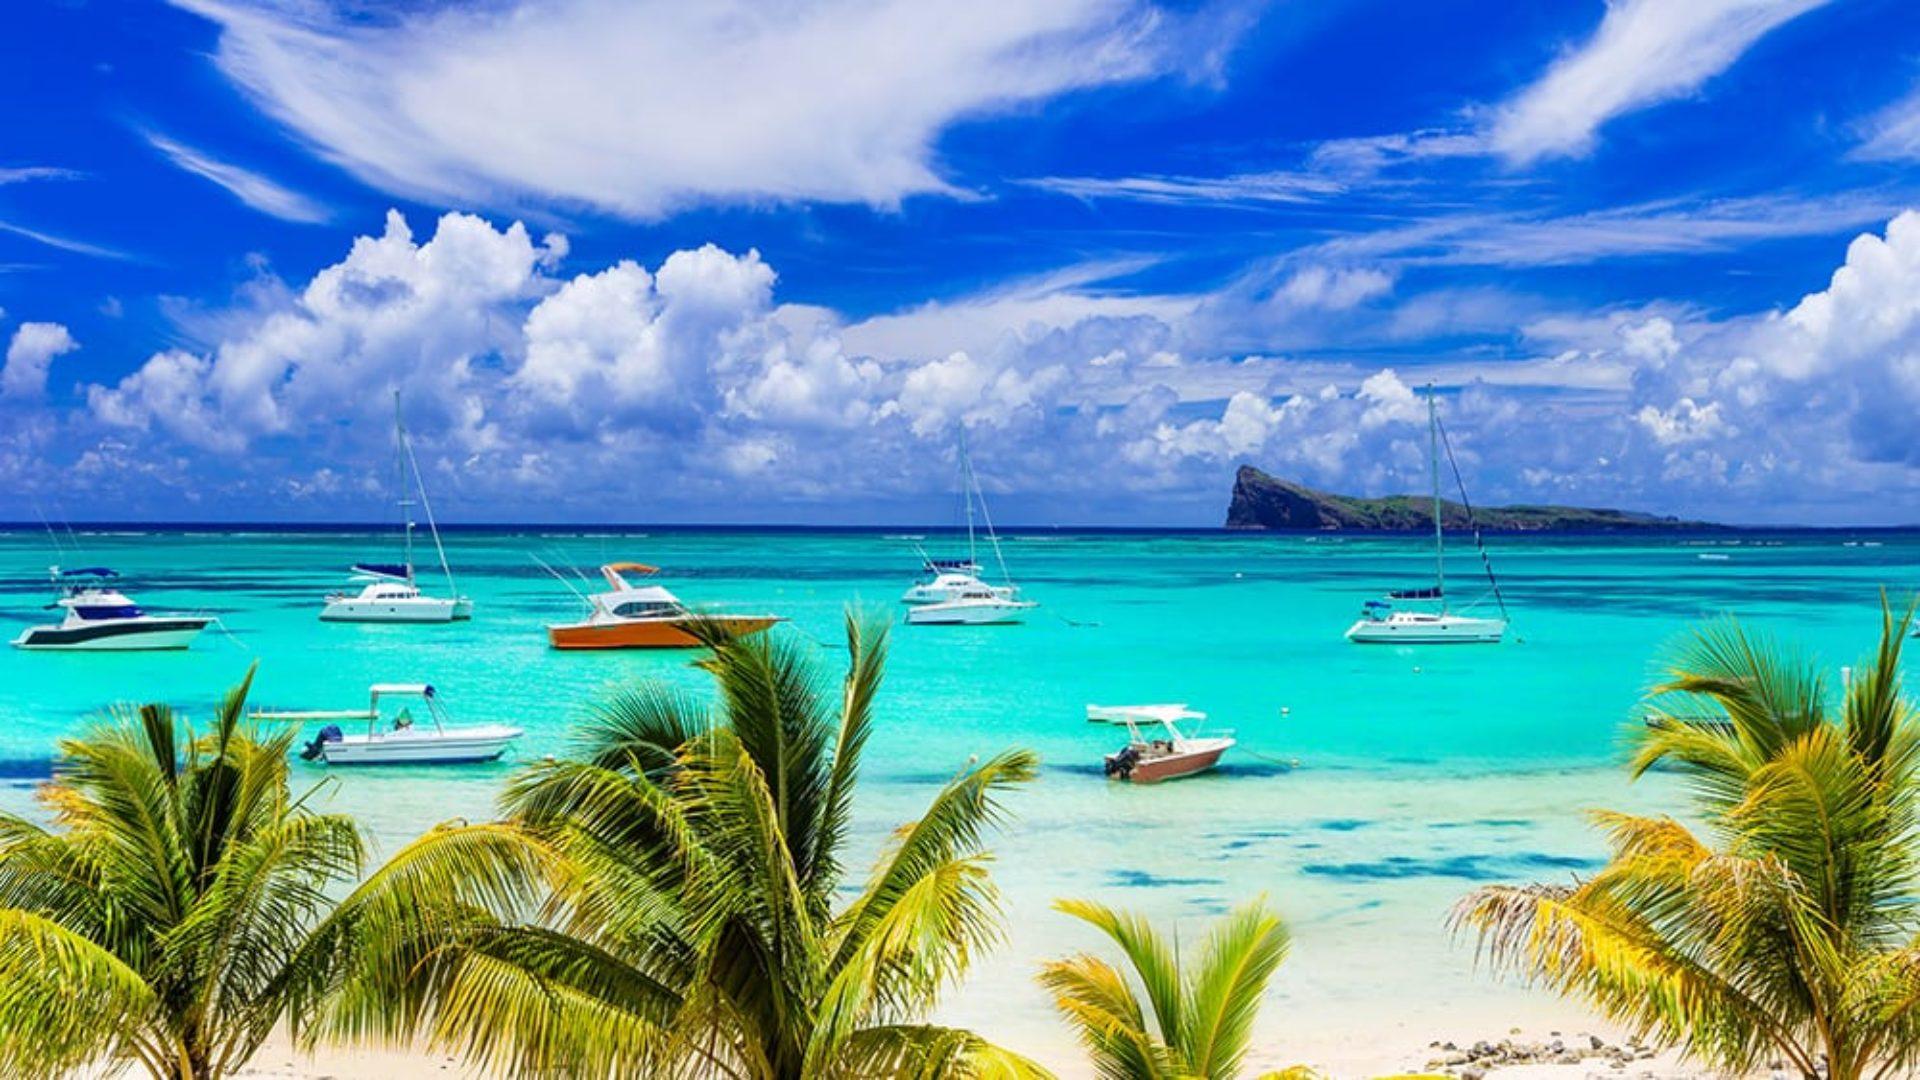 Boats off the coast of Mauritius on a Dubai & Mauritius twin-centre